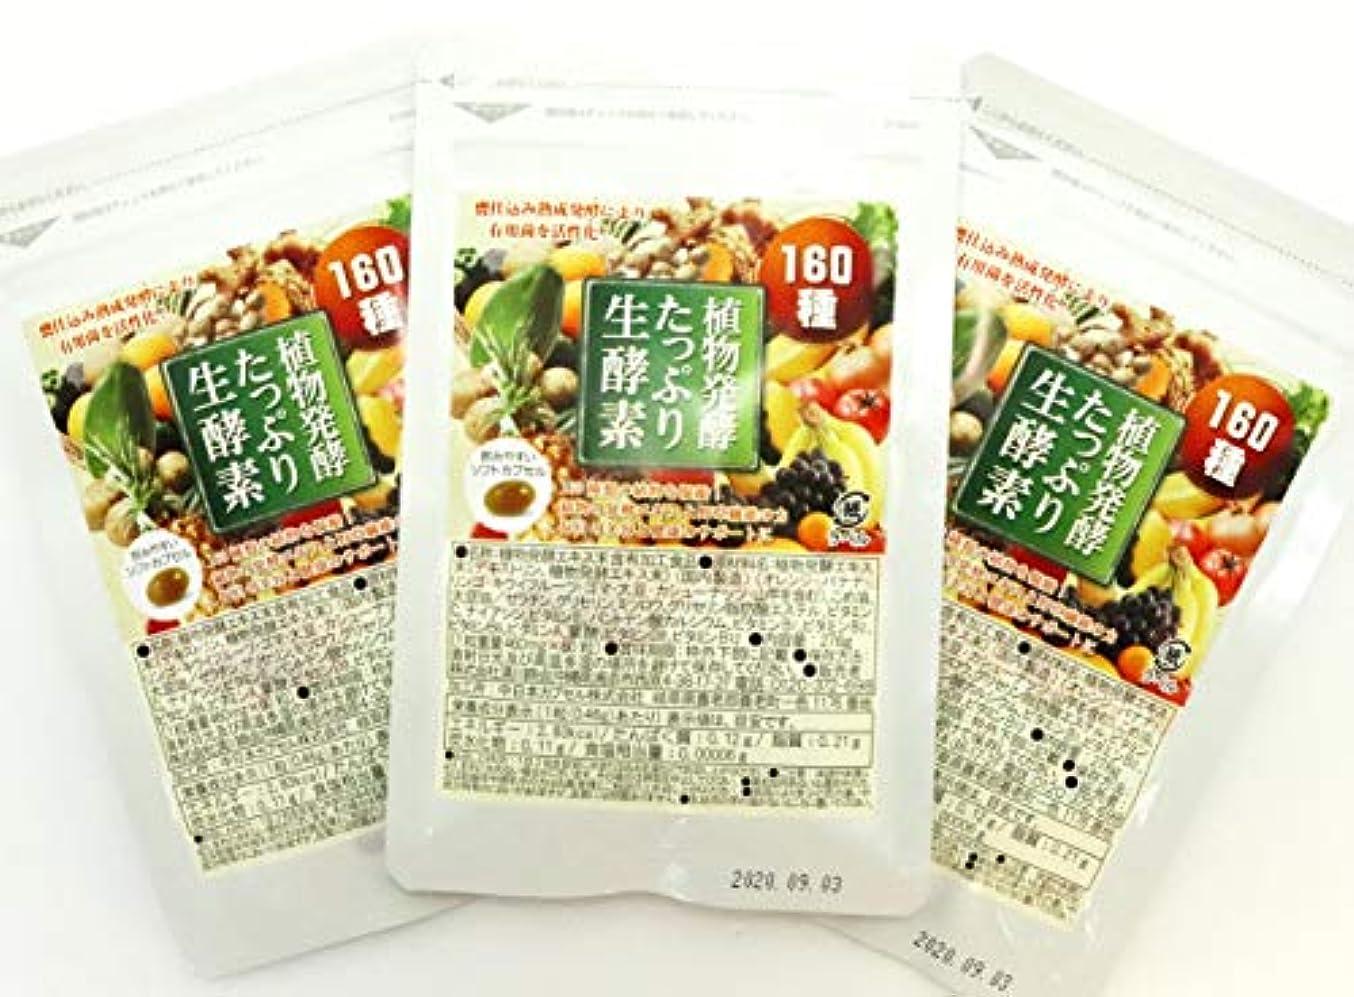 マルクス主義者瀬戸際かび臭い植物酵素たっぷり 生酵素160種 (60粒×3袋=約3か月分)